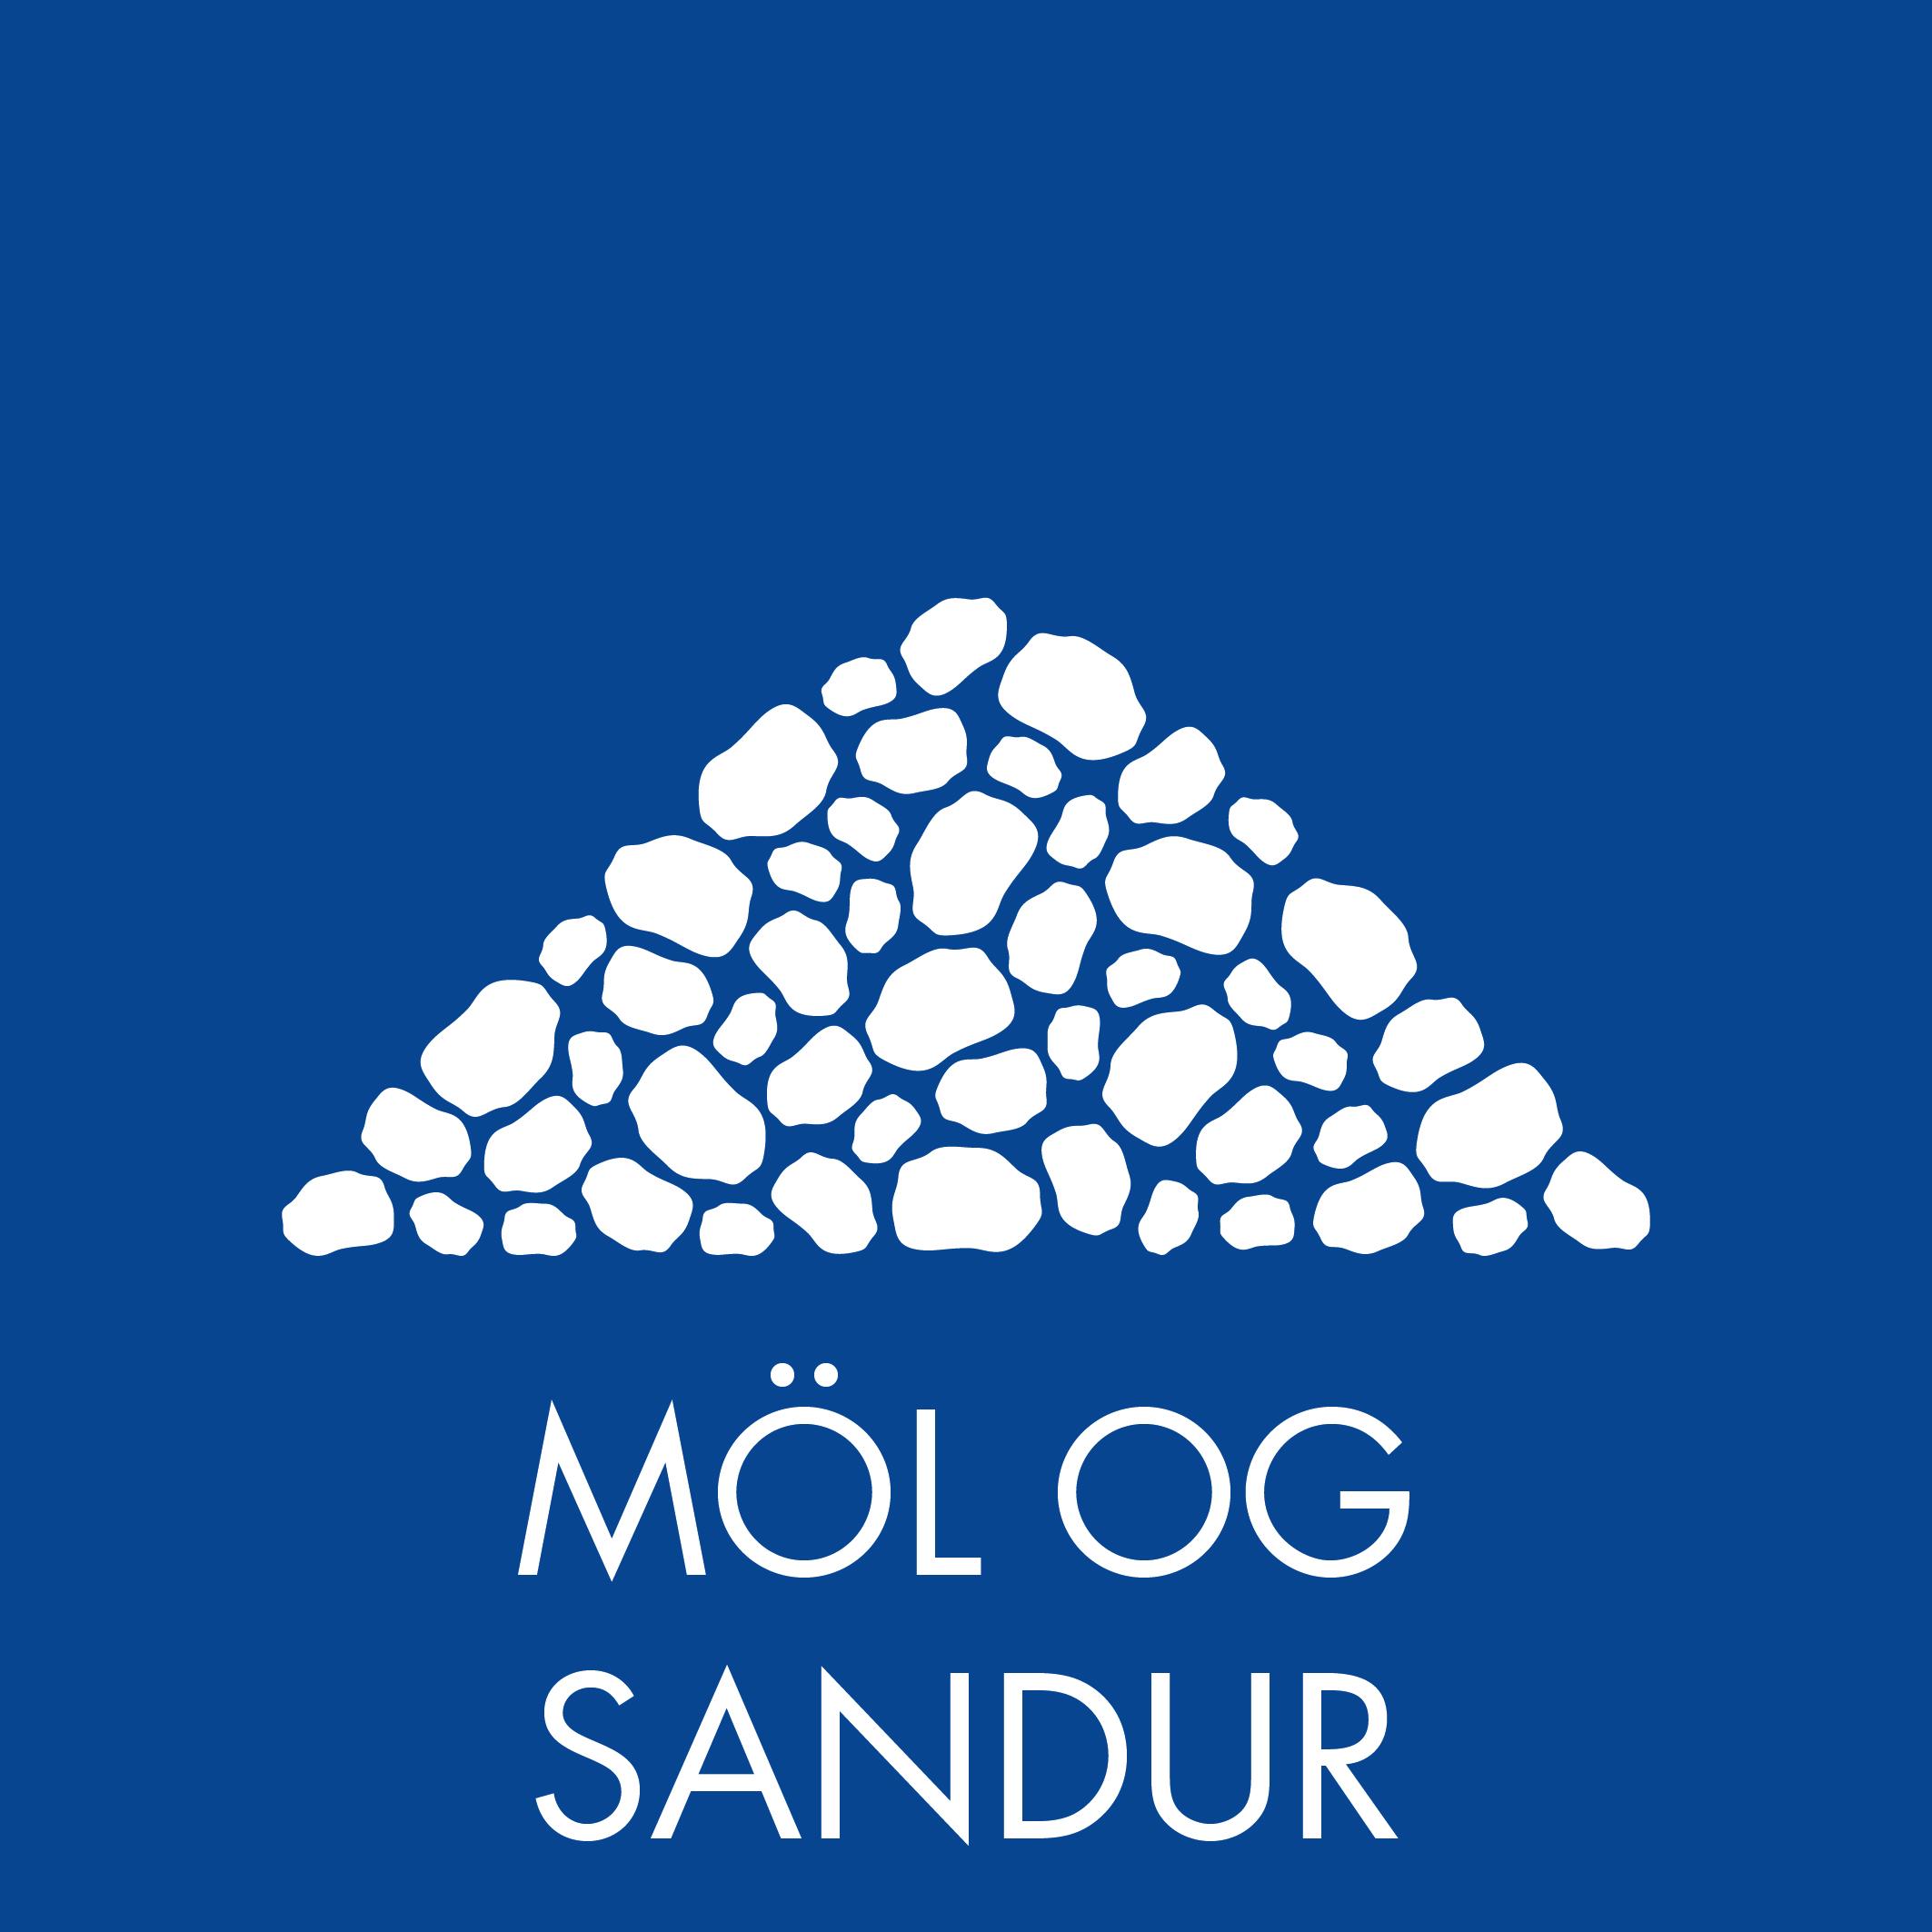 Möl og sandur